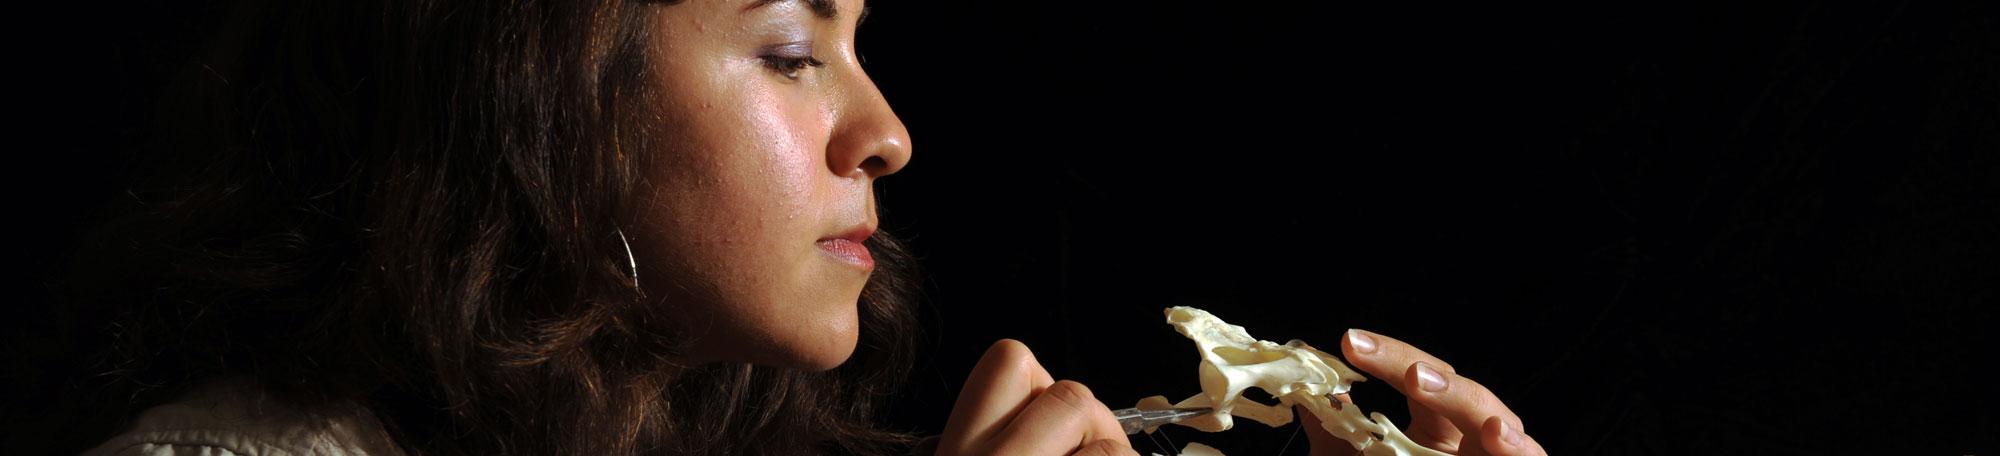 Sara ElShafie